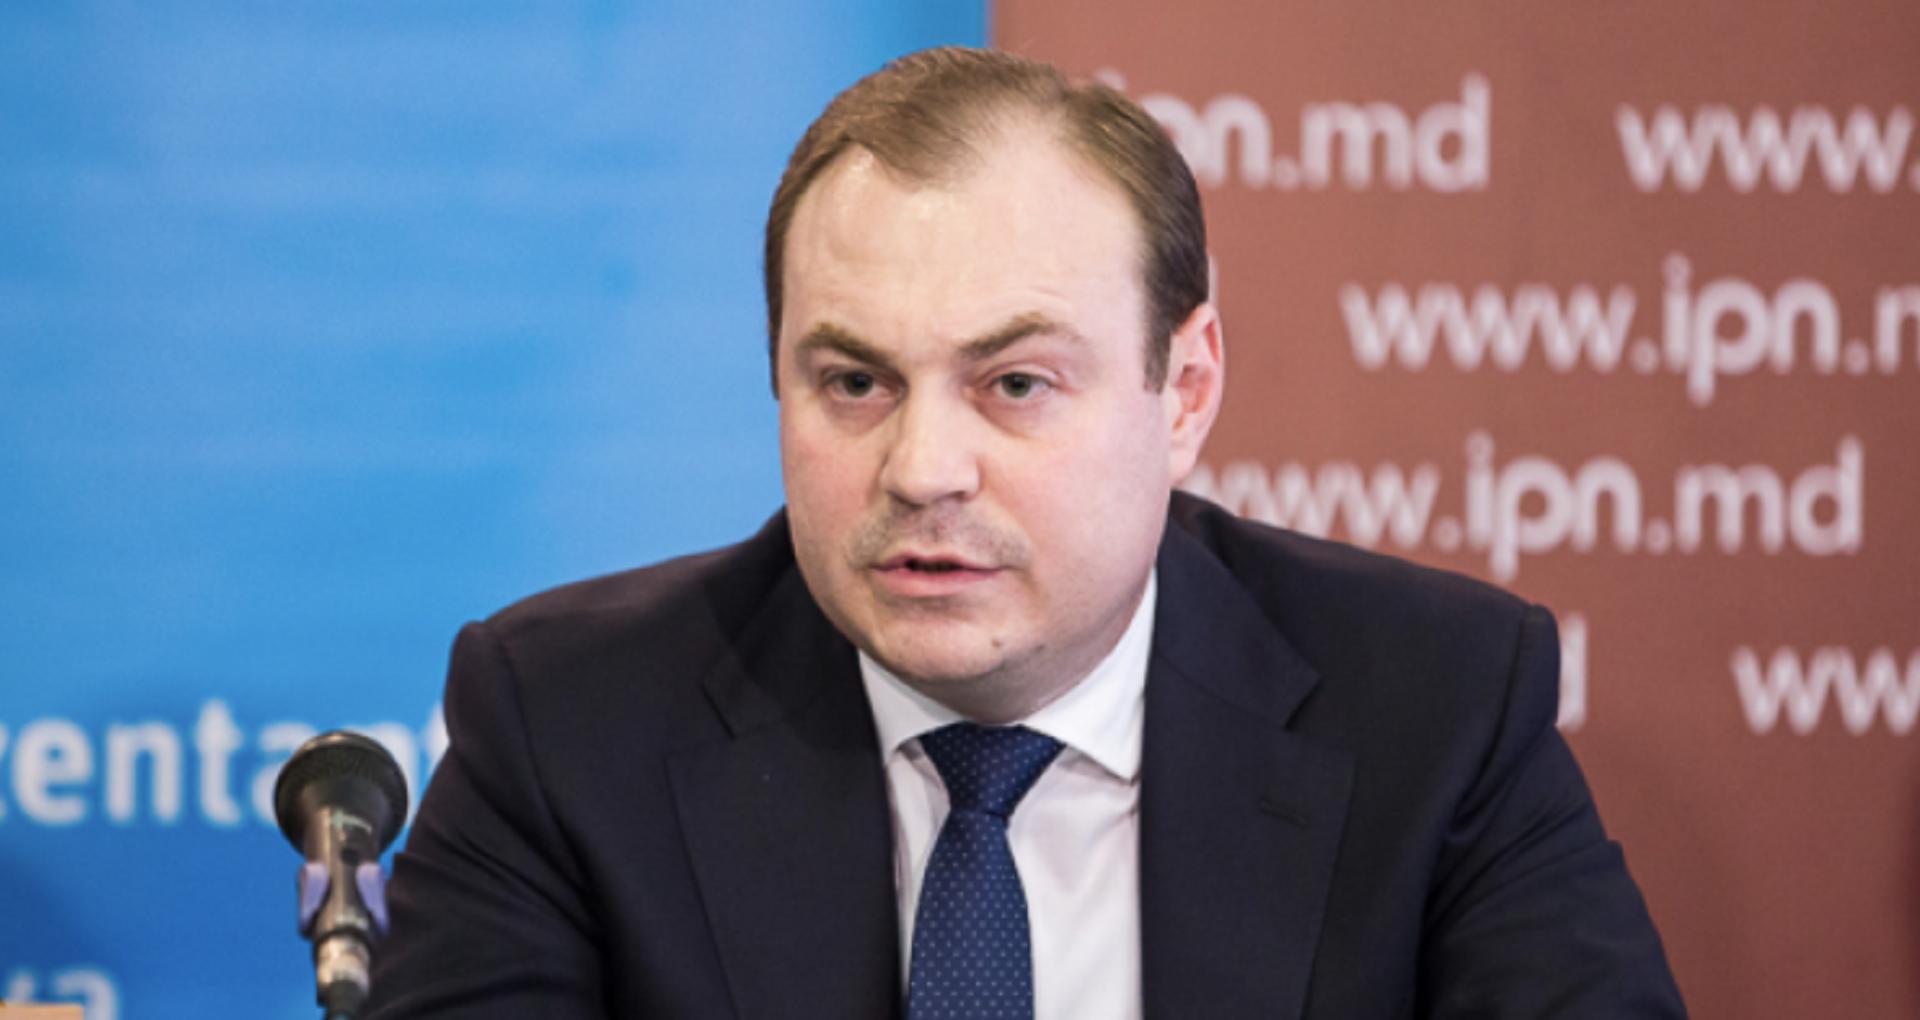 Noi acuzații grave de la Eugeniu Nichiforciuc în adresa lui Pavel Filip: A cerut și primit 12 milioane de lei cash de la Vladimir Plahotniuc pentru alegerile locale